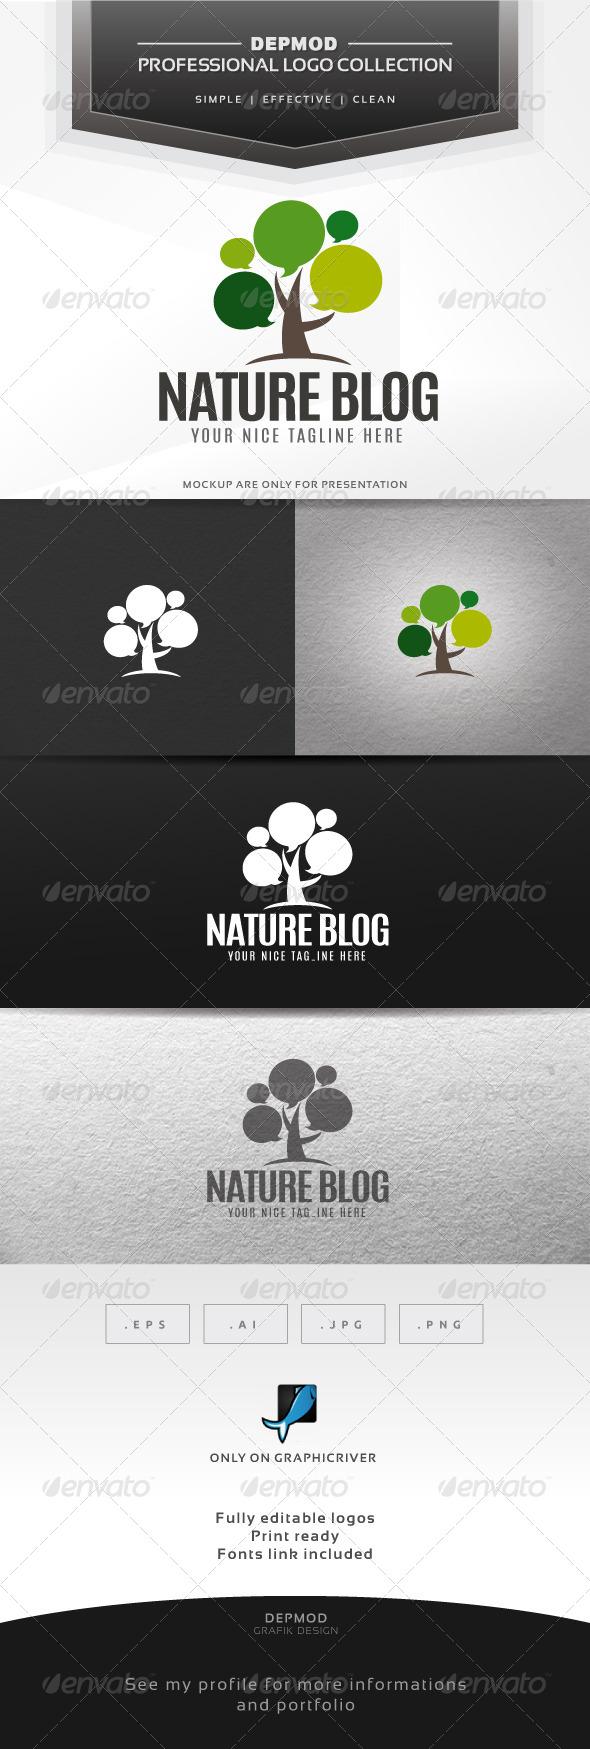 GraphicRiver Nature Blog Logo 6359907